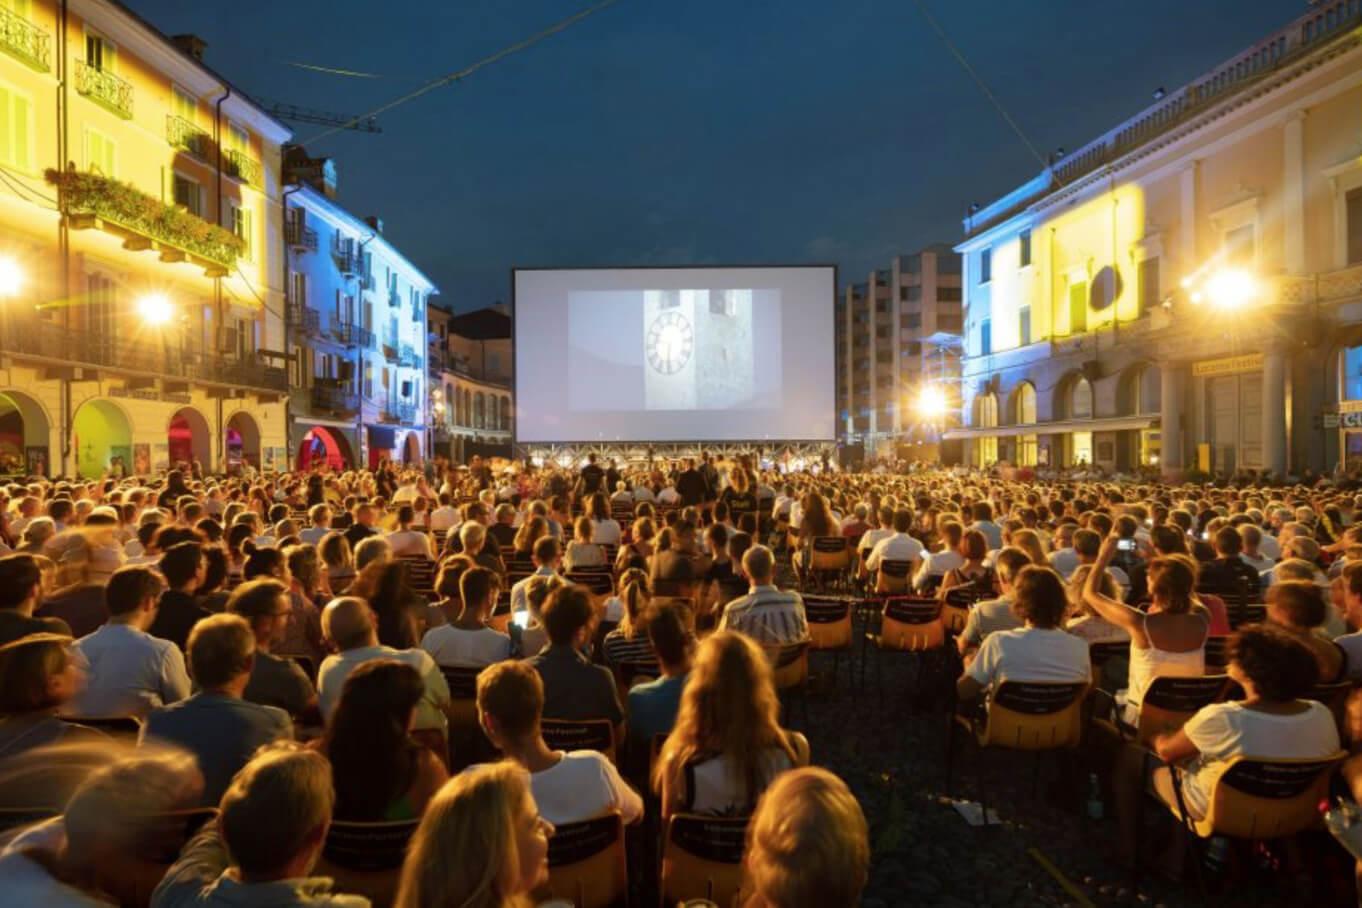 Locarno Film Festival 2018 - Piazza Grande